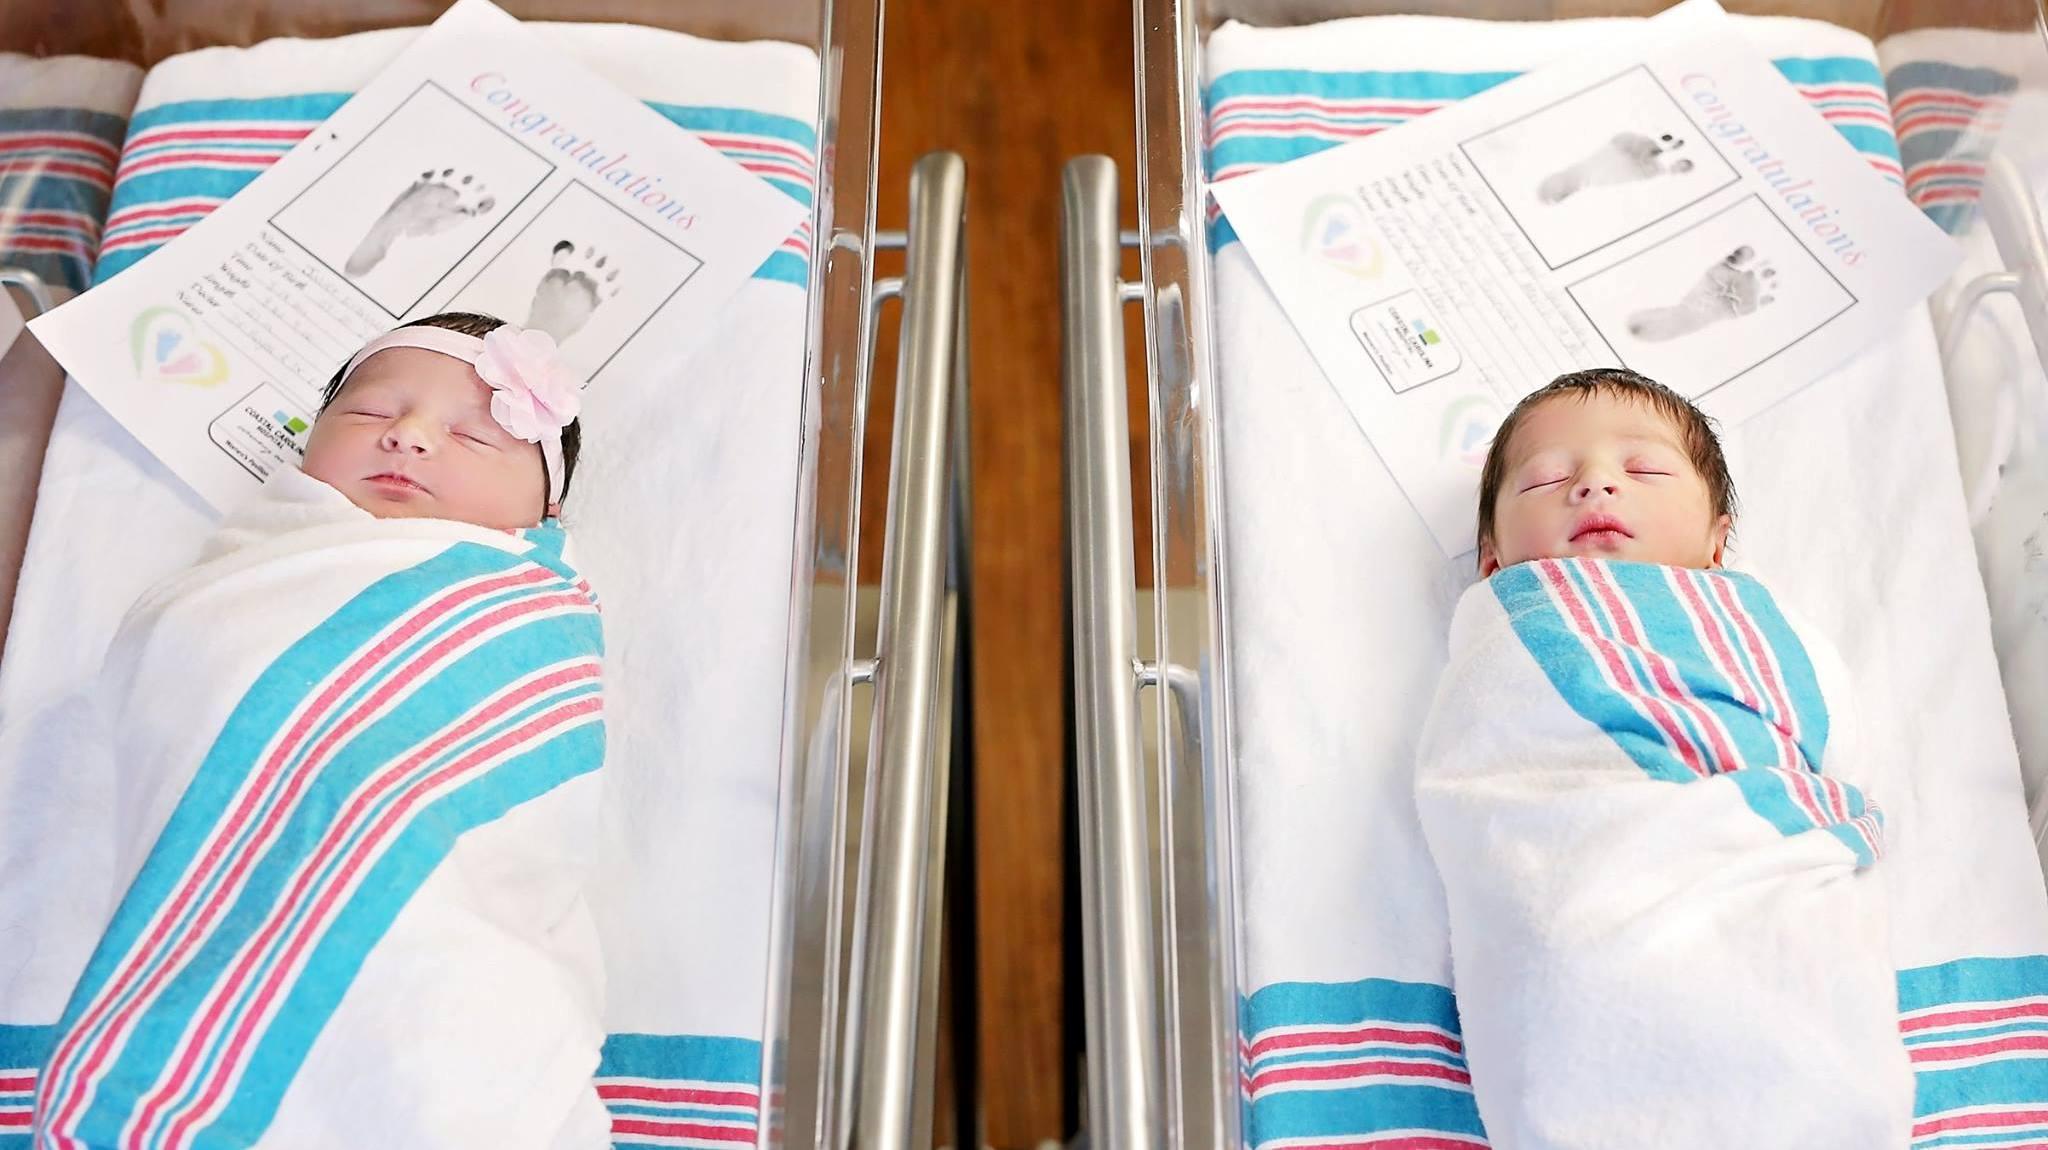 Afinal Romeu e Julieta nasceram no mesmo dia e no mesmo hospital